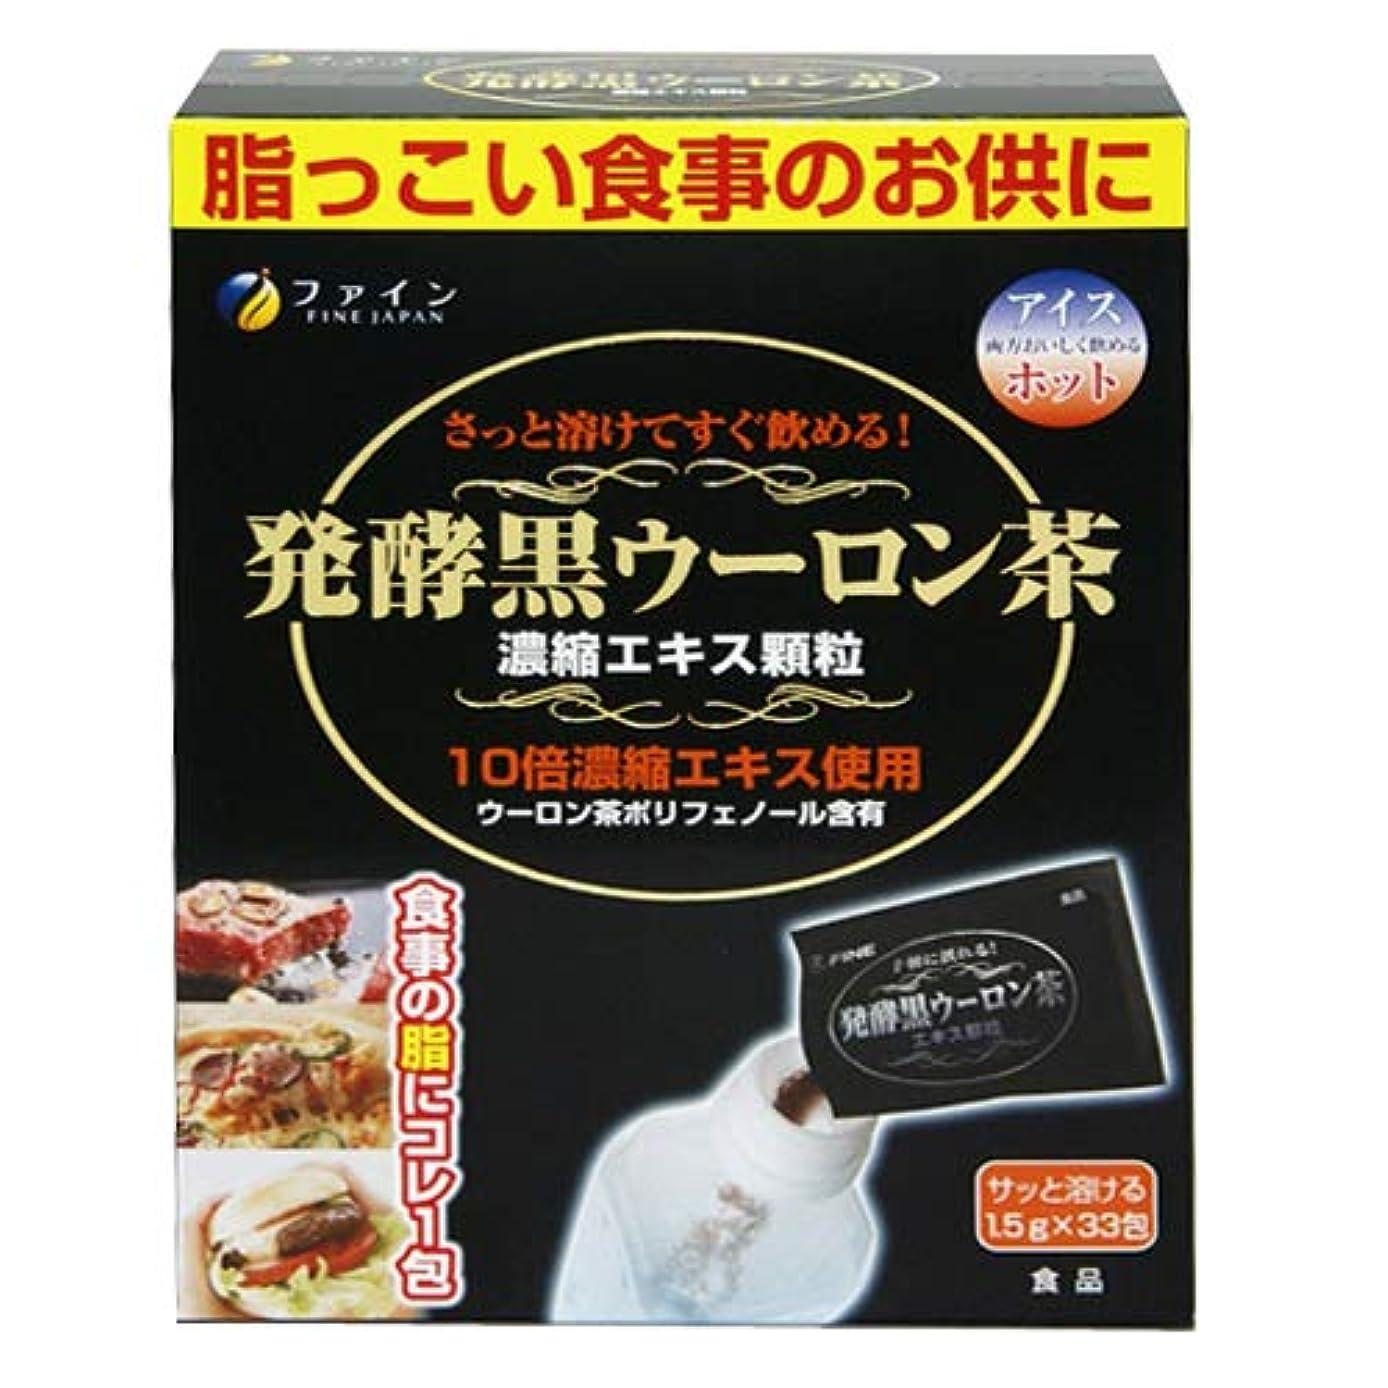 炎上イブ追加発酵黒ウーロン茶 濃縮エキス顆粒 【30箱組】